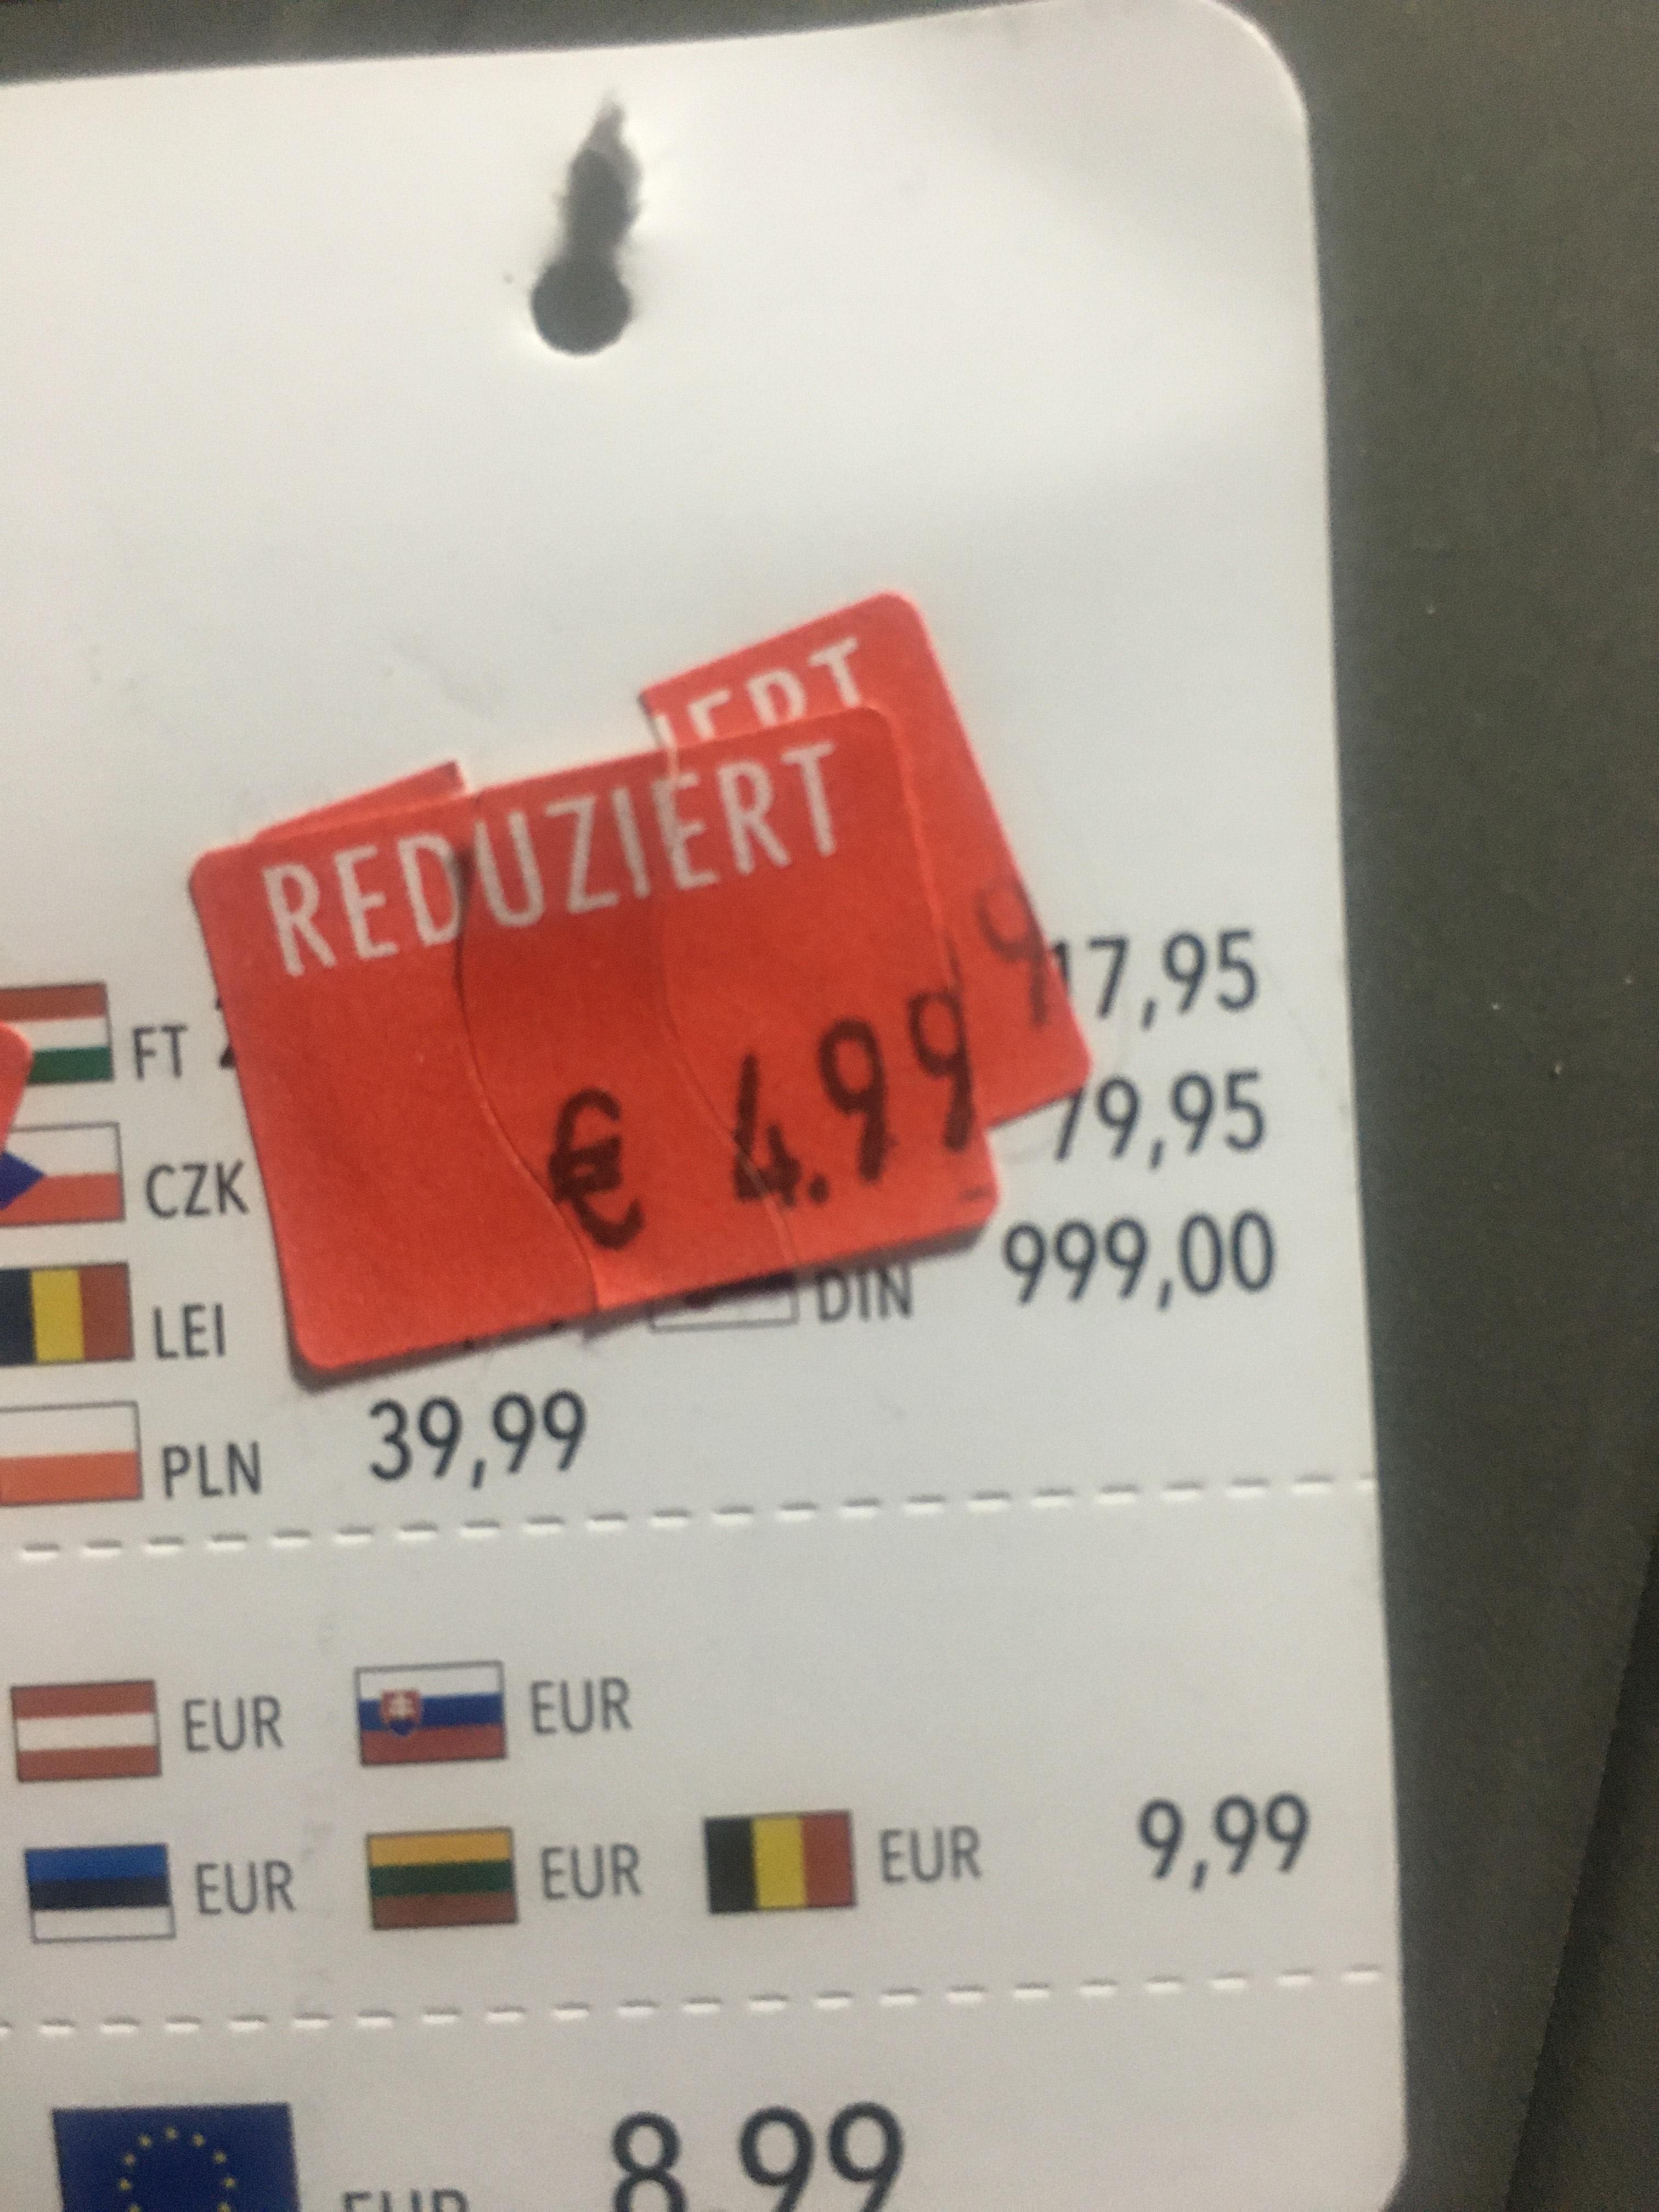 Bei Takko in Wesseling 50% auf reduizerten Preis